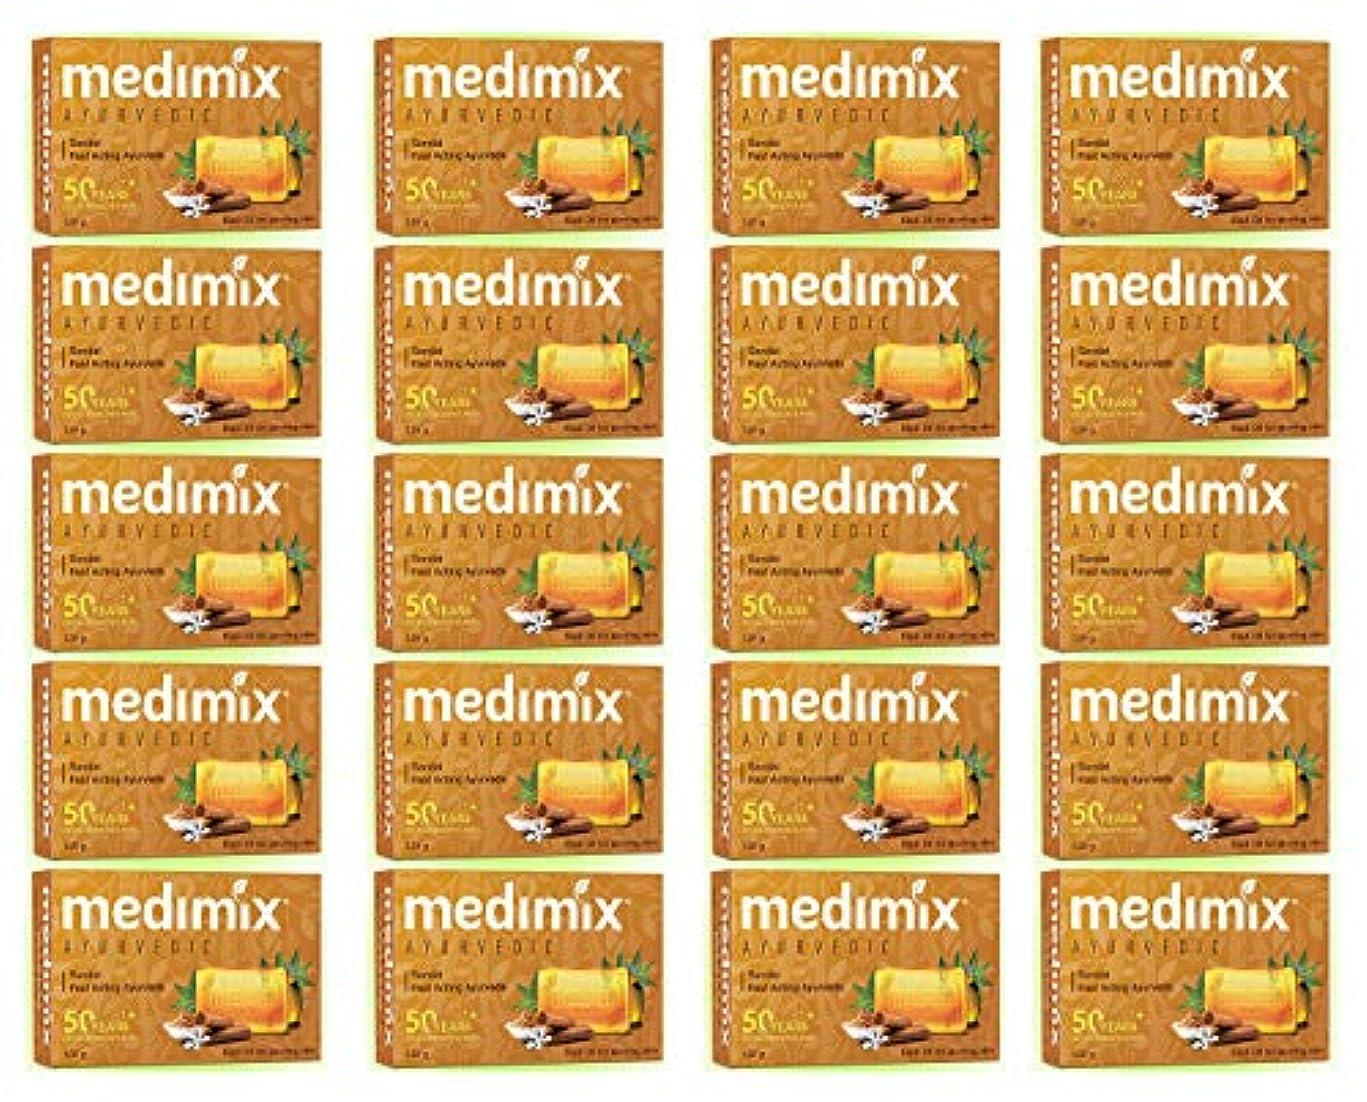 コンパクト個性全員medimix メディミックス アーユルヴェディックサンダル 石鹸(旧商品名クラシックオレンジ))125g 20個入り